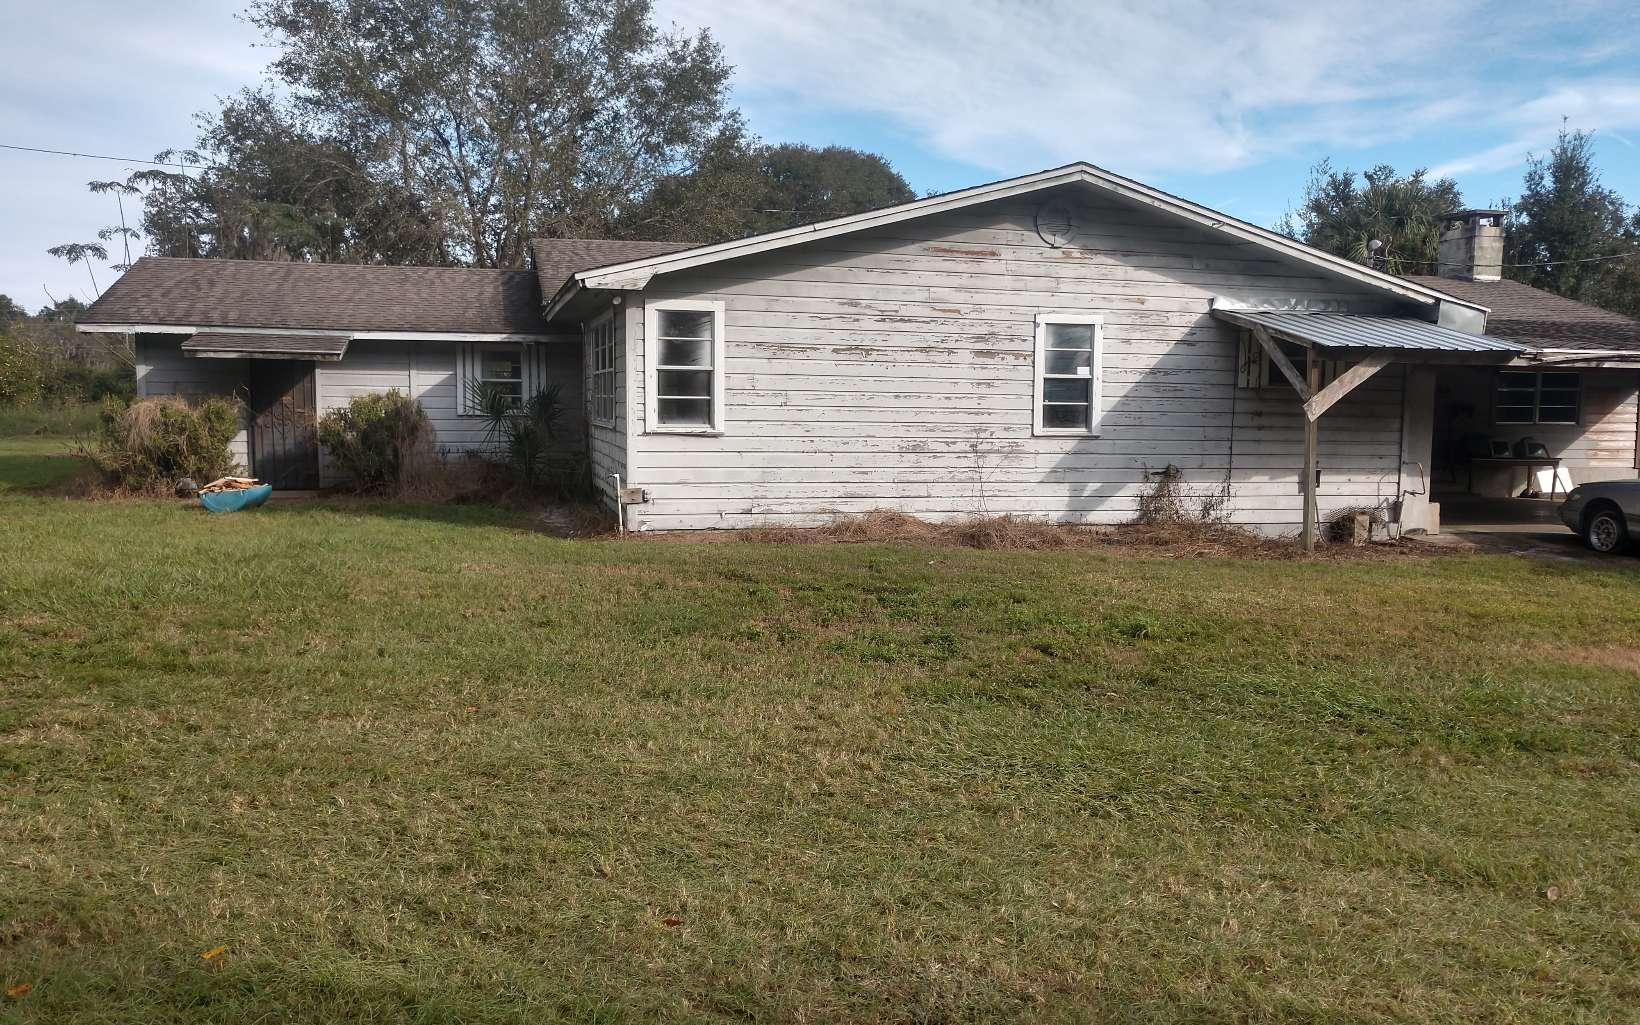 3797 Us Hwy 17 N, Bowling Green, FL 33834